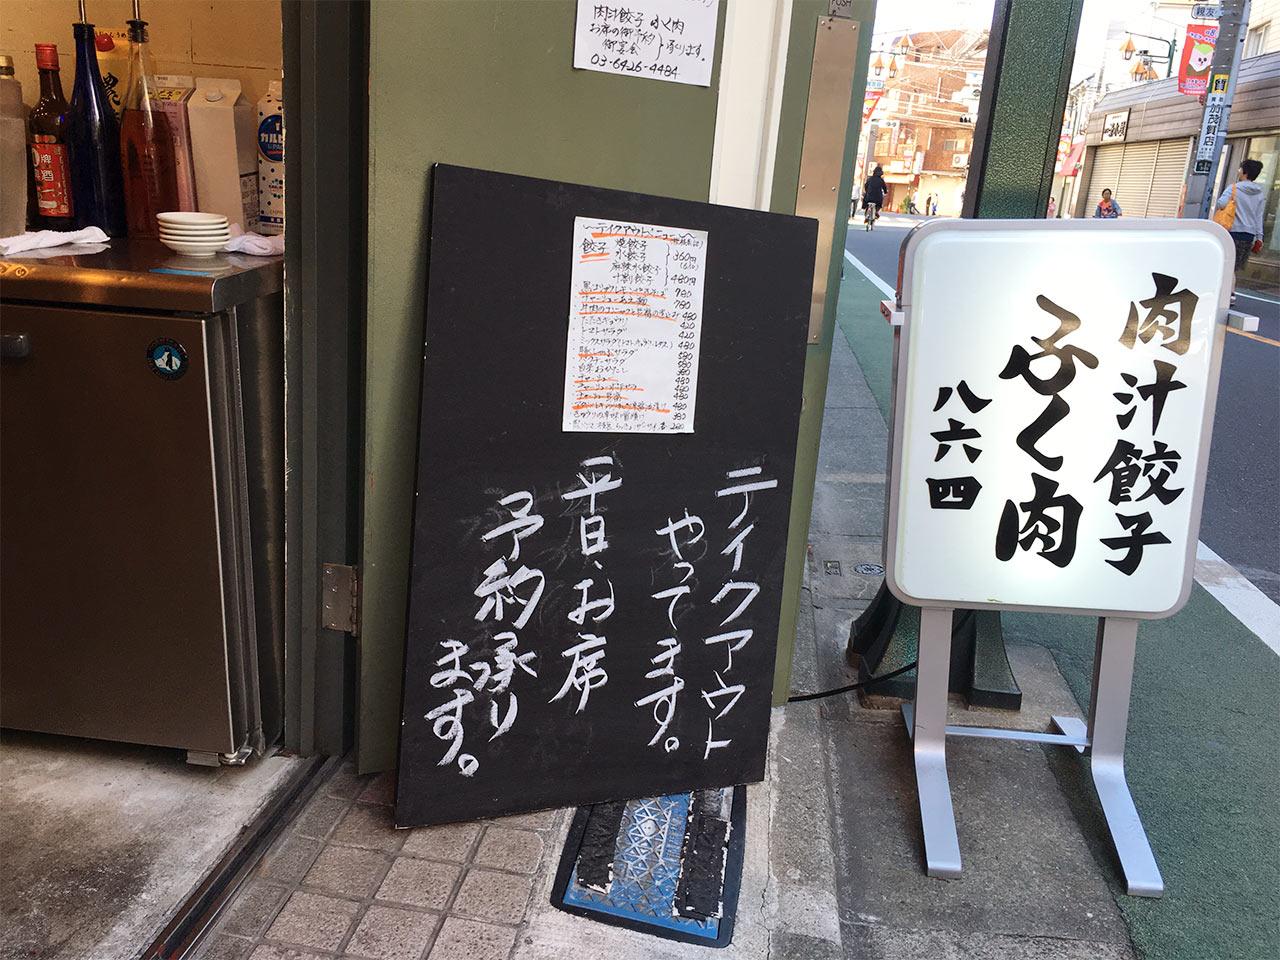 武蔵小山の餃子屋ふく肉のテイクアウトメニュー